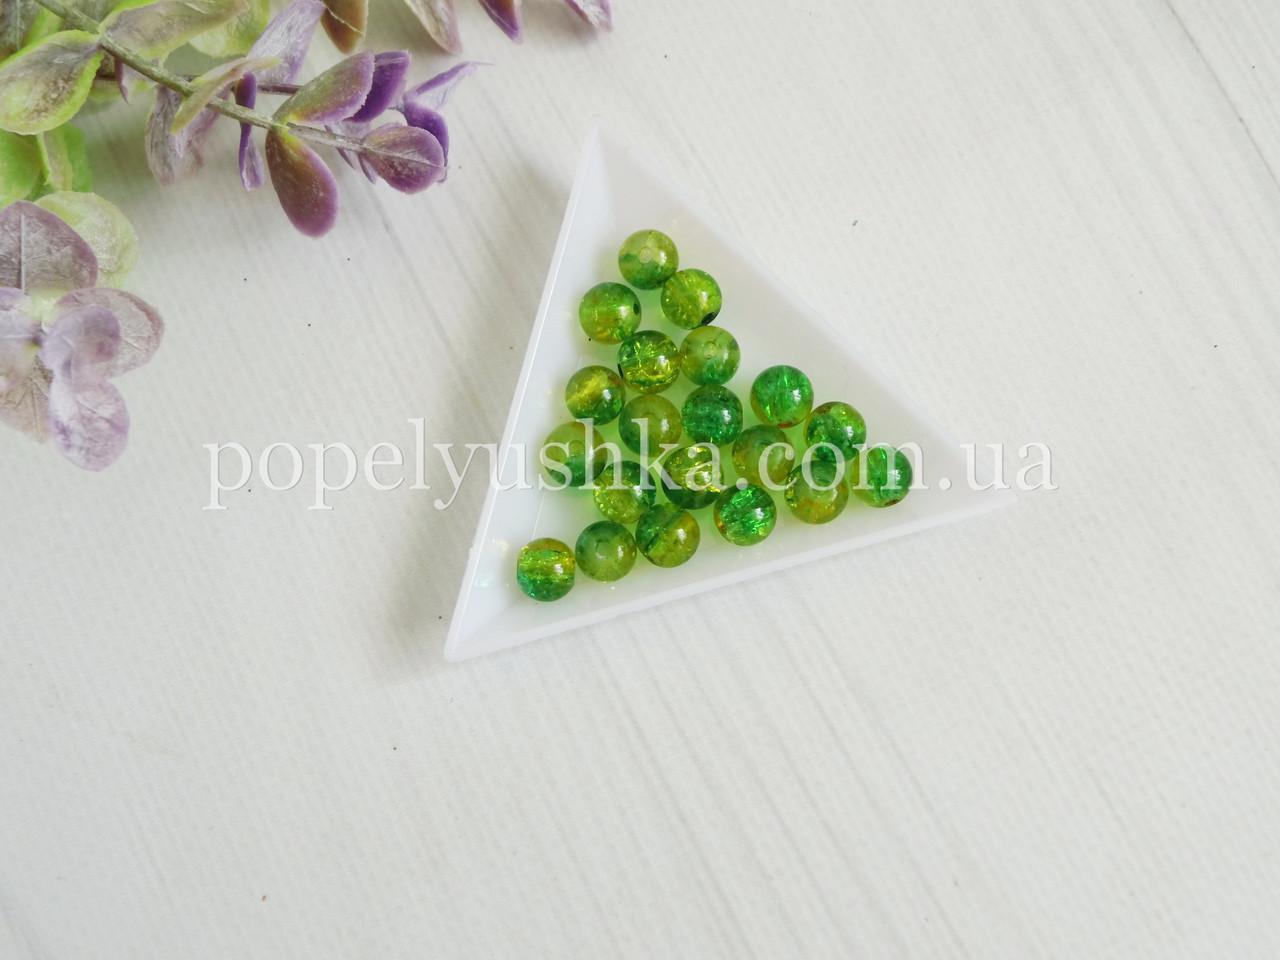 Бусины 8 мм желто-зеленые битое стекло (20 шт.)